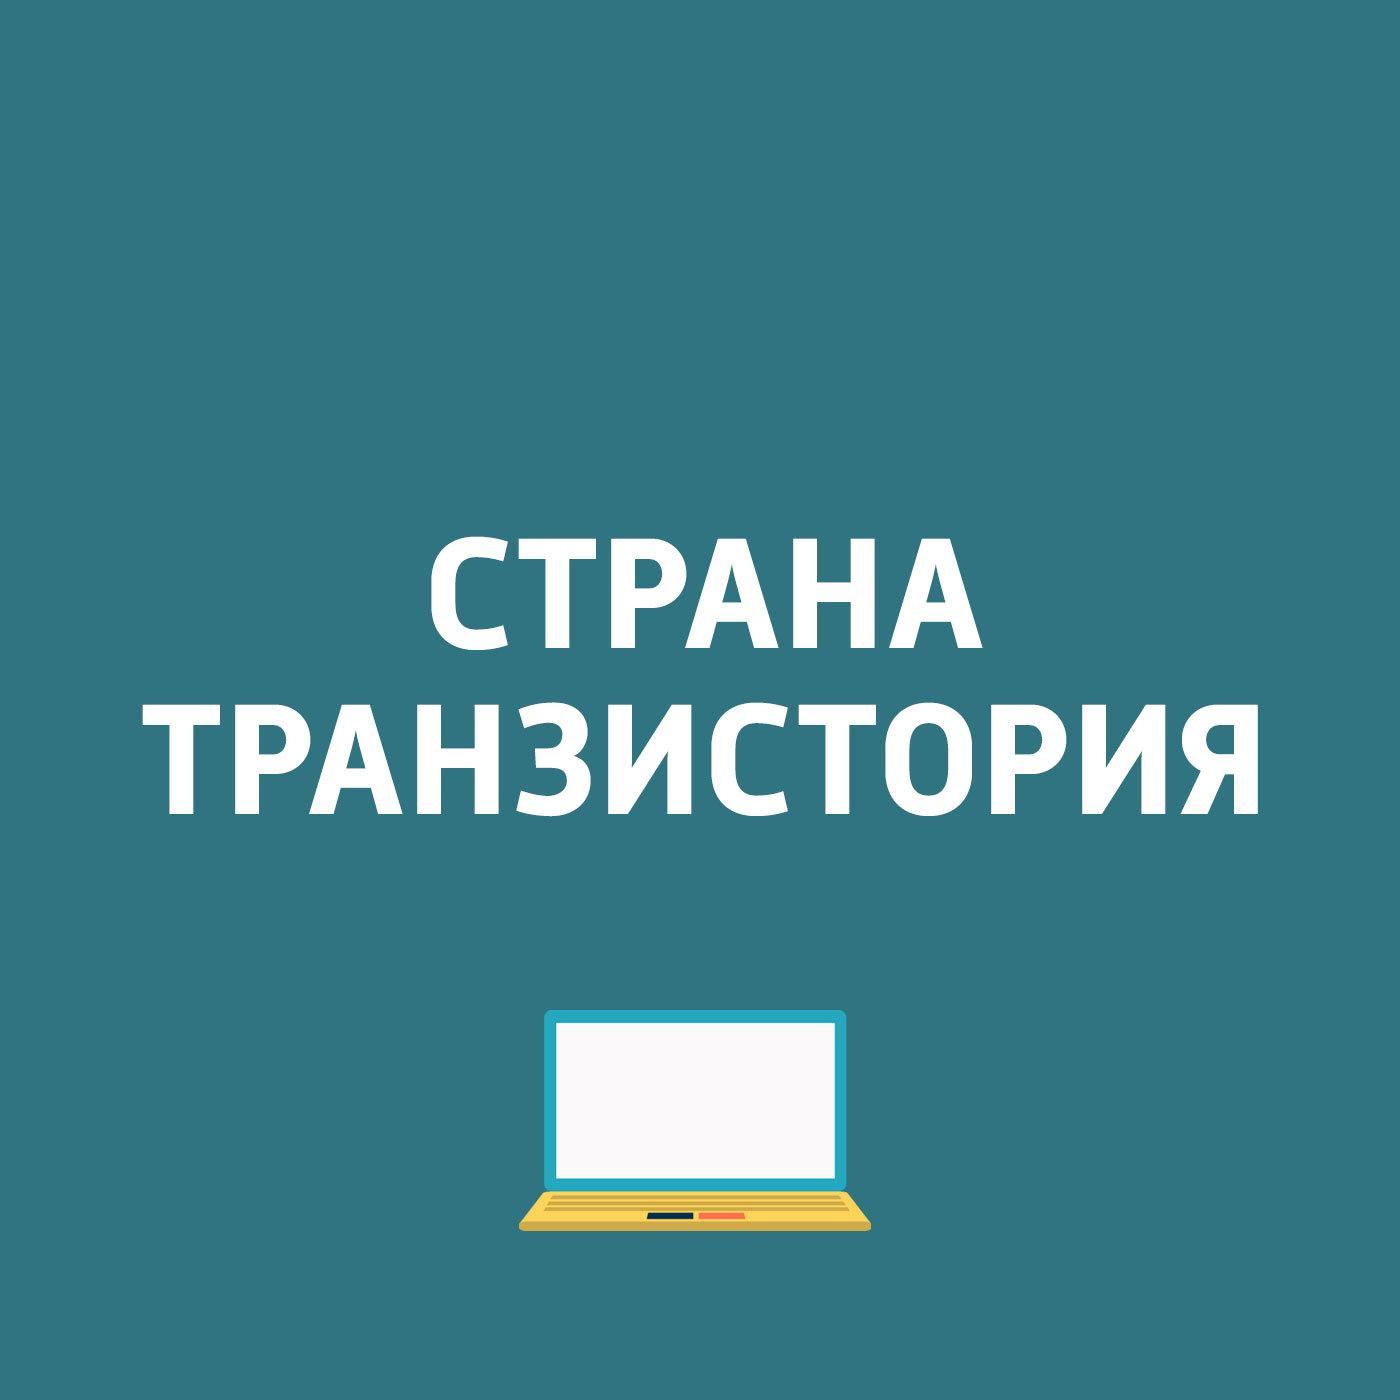 Картаев Павел Новинки от Google; ЦБ отключил от своей платежной системы банк «Финансовый капитал»... пакет подарочный бумажный s1511 с днем рождения 3 вида 32x26x13 см в ассортименте